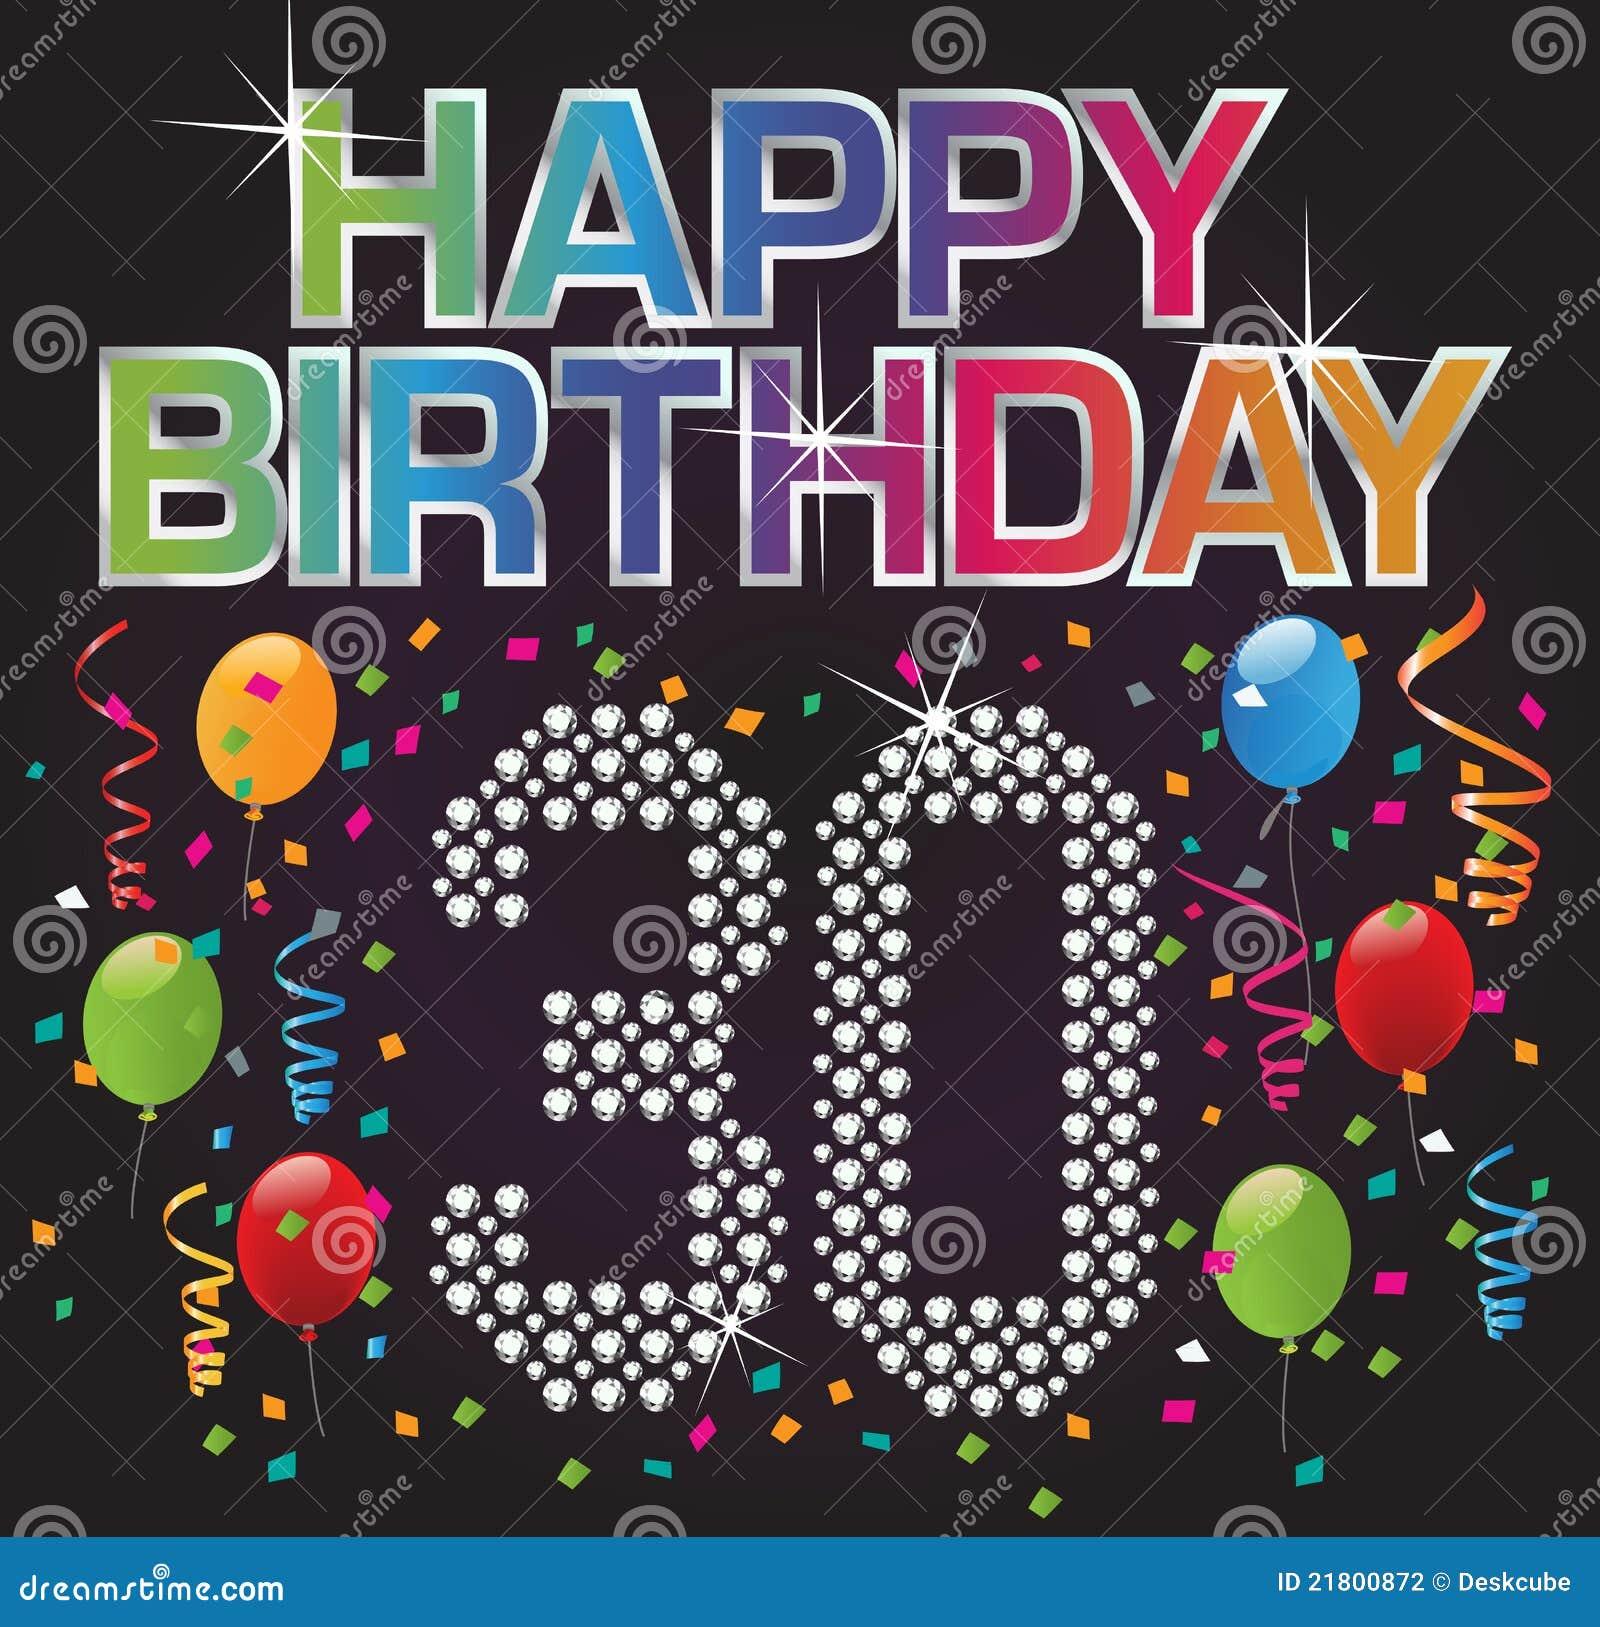 Happy Birthday 30 Stock Photography - Image: 21800872